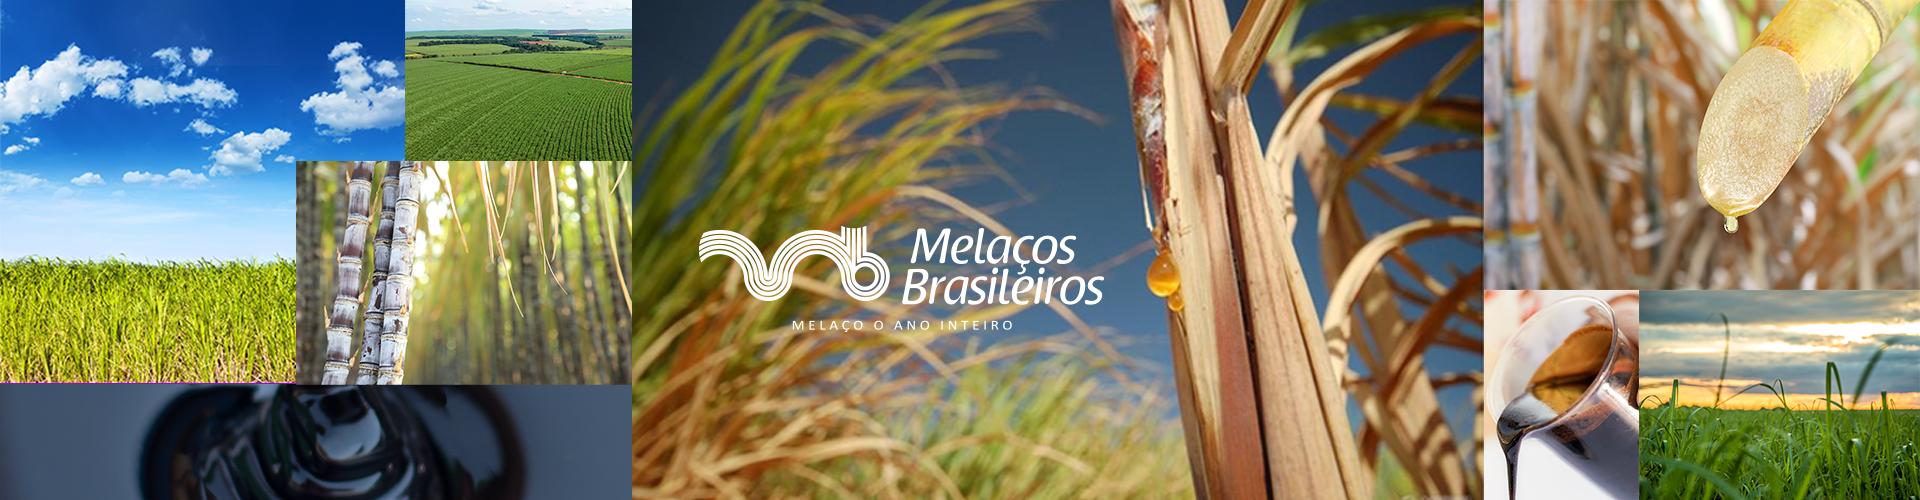 Banner-Melacos-2019-002